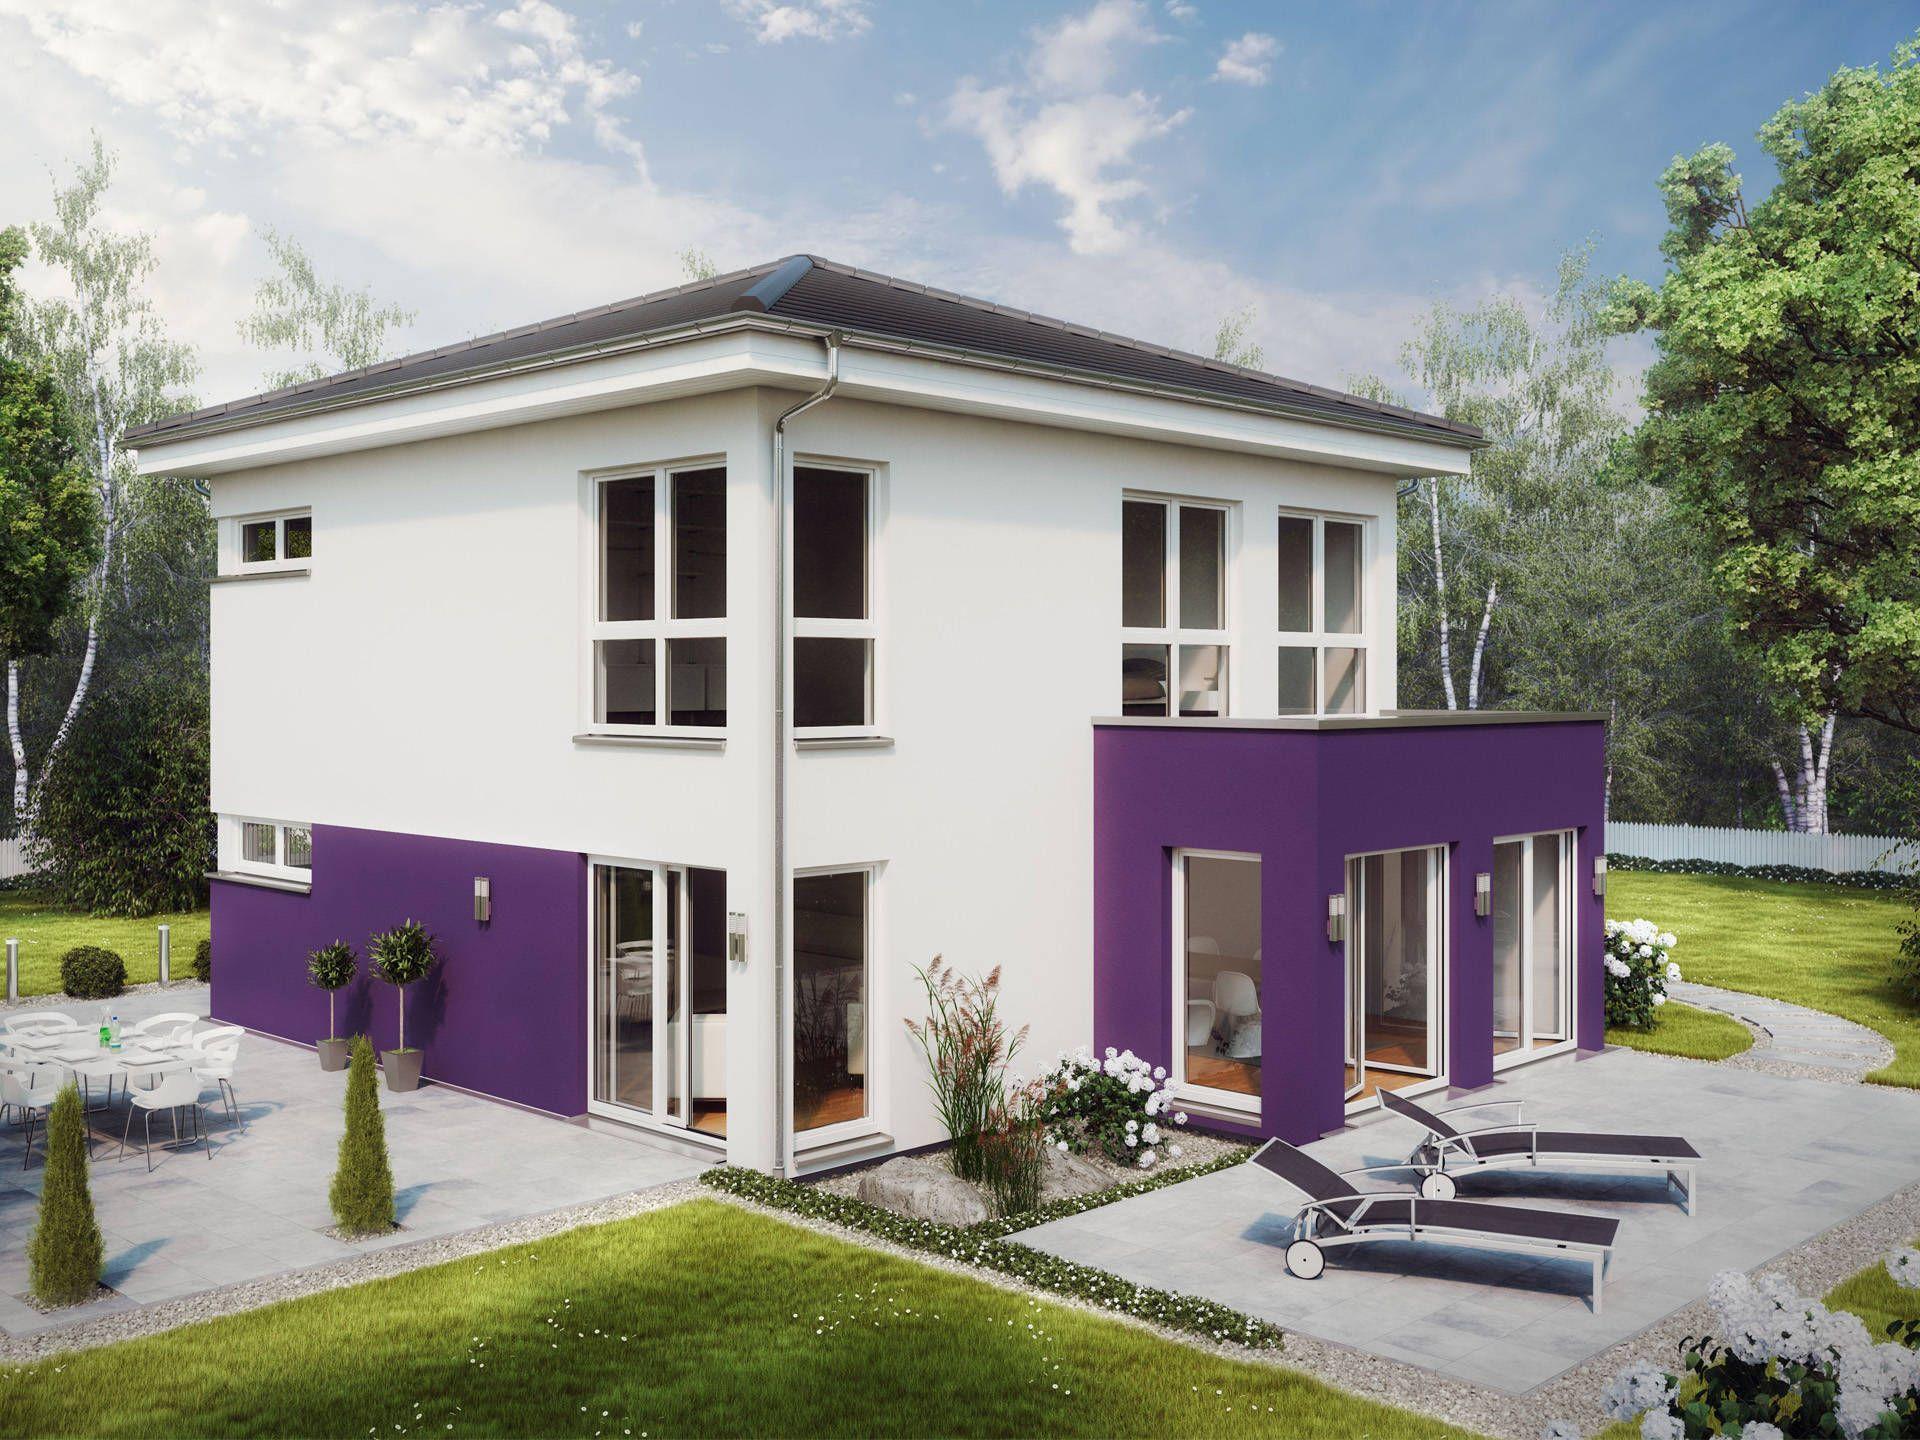 haus city 5 mehrgenerationenhaus von massa haus stilvolle stadtvilla mit farblichen. Black Bedroom Furniture Sets. Home Design Ideas